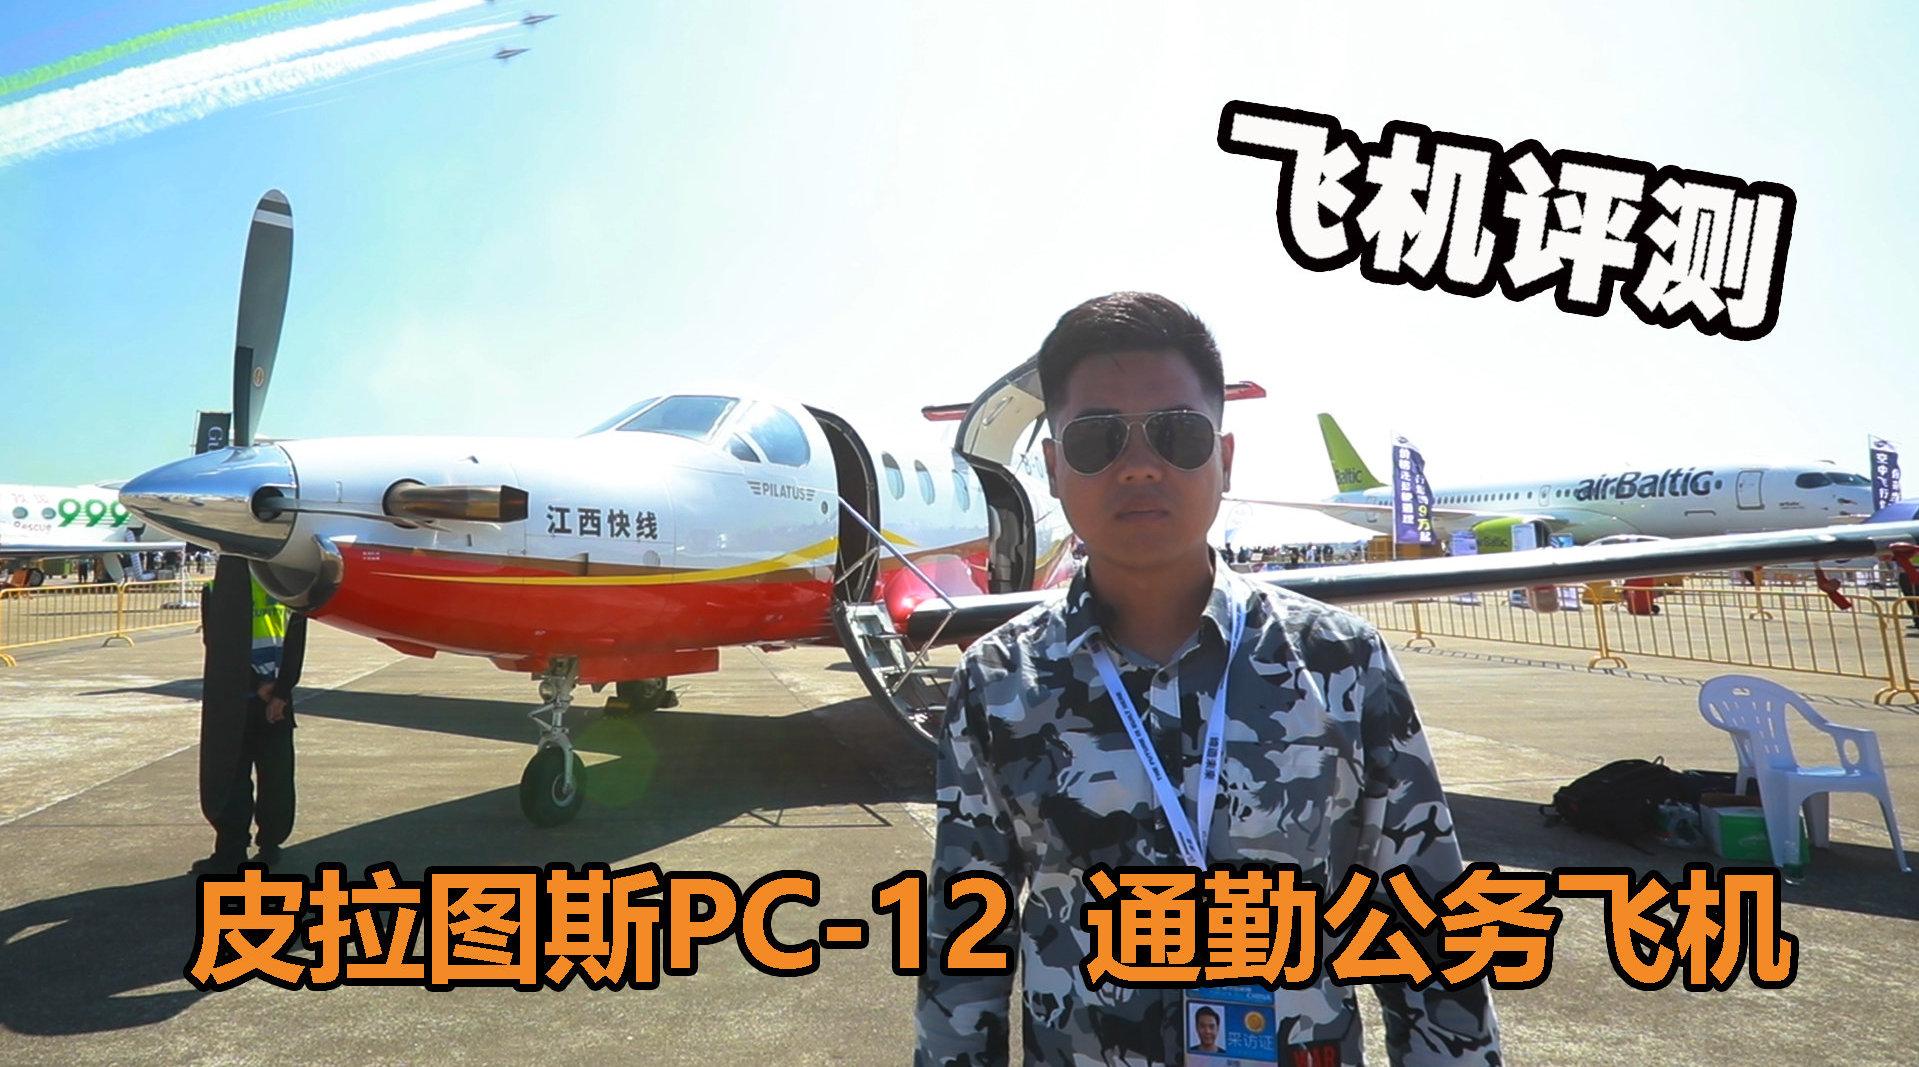 探秘在国内花200元起即可享受的豪华公务机,皮拉图斯PC-12